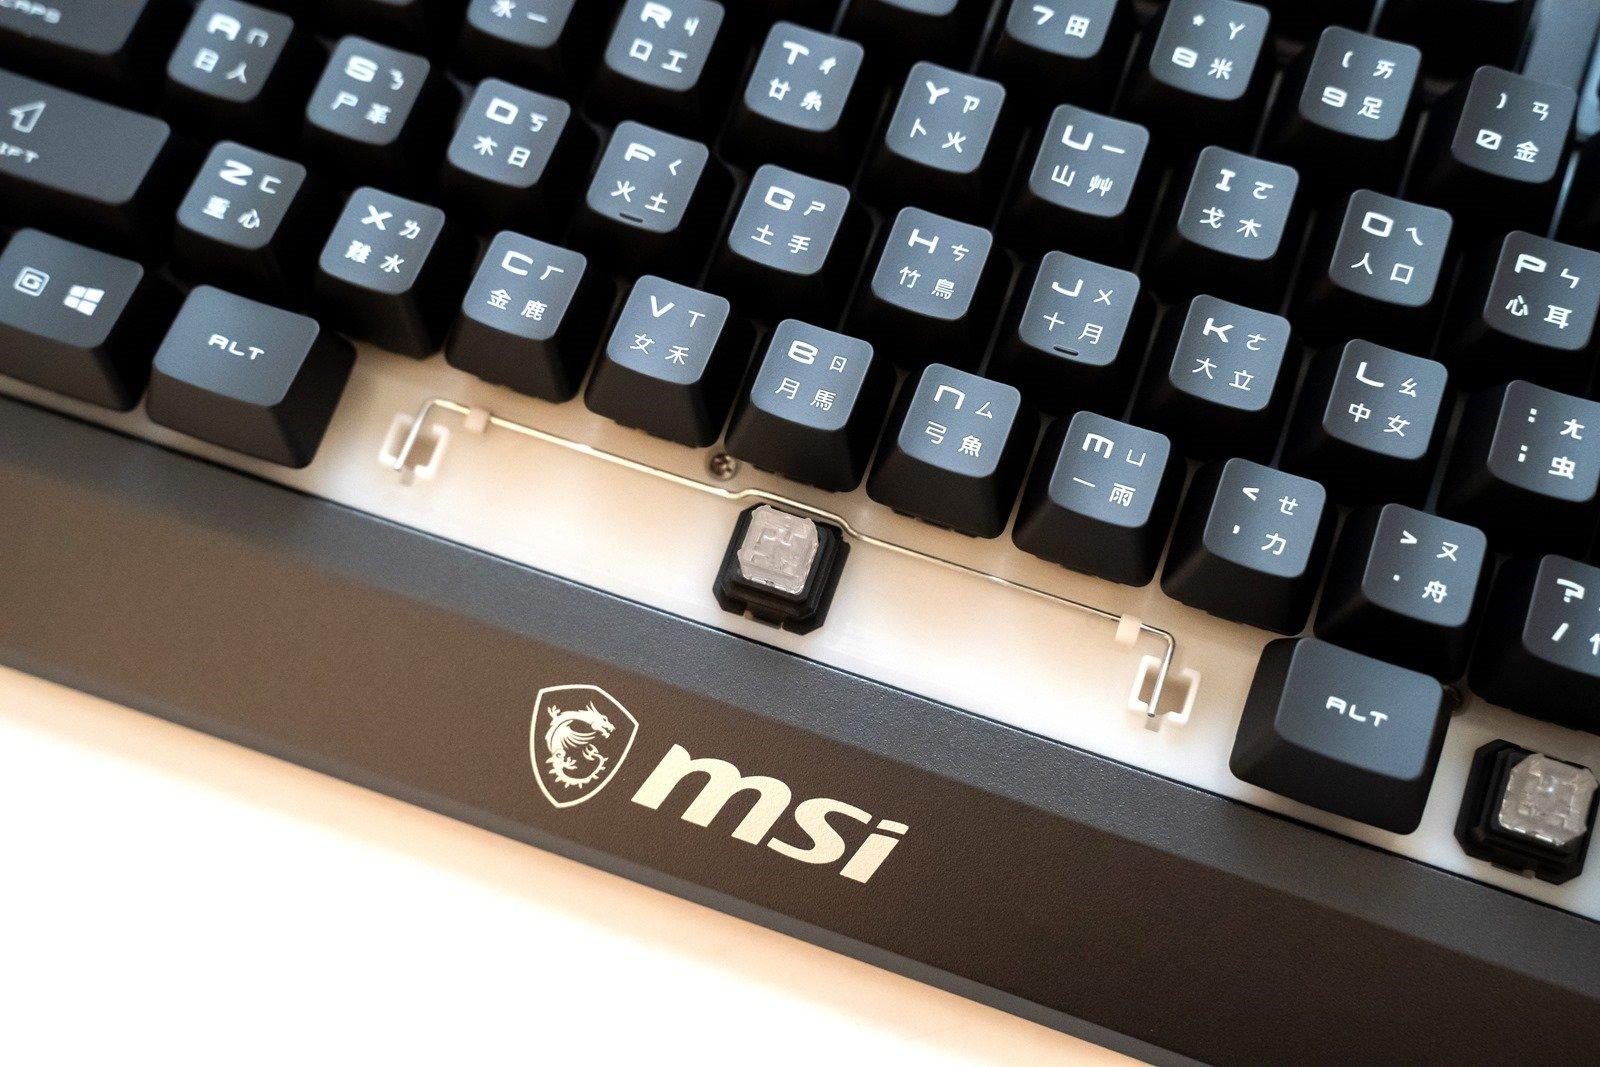 電競週邊一起看!微星 GK30 電競鍵盤 / GM11 電競滑鼠 / GH30 電競耳機 @3C 達人廖阿輝